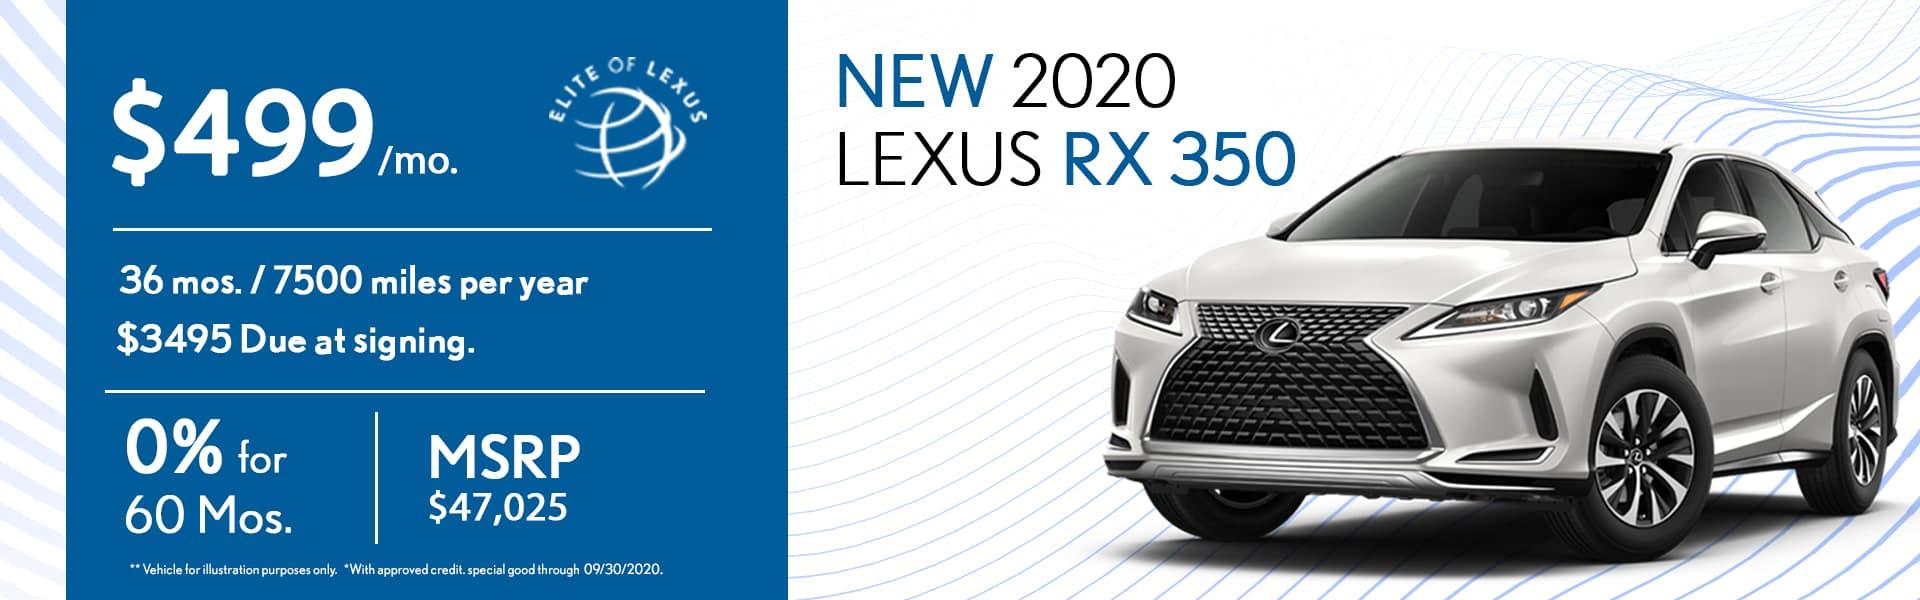 2020 Lexus RX 350 special